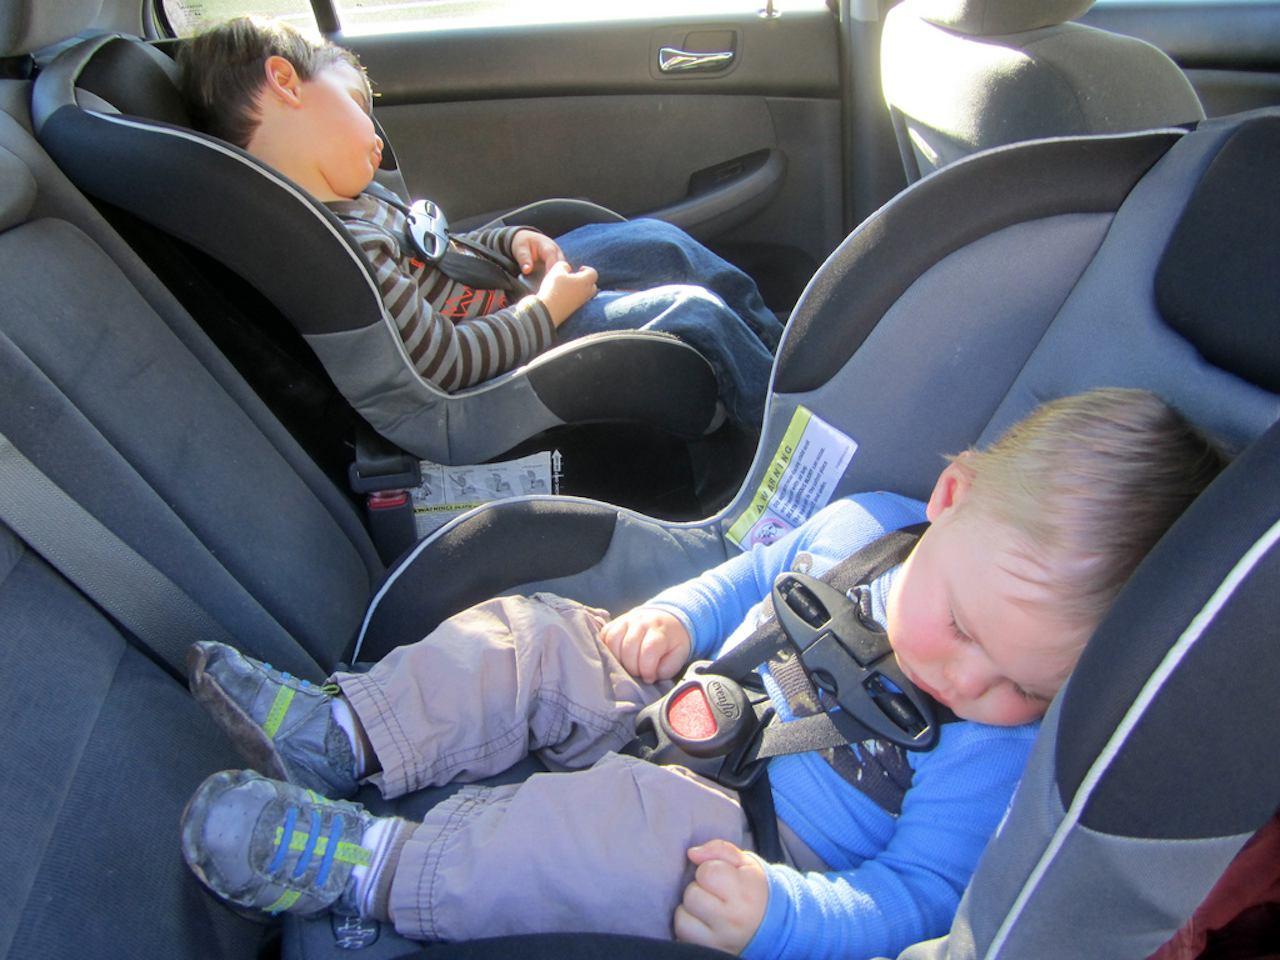 Pueden viajar los nios en el asiento delantero